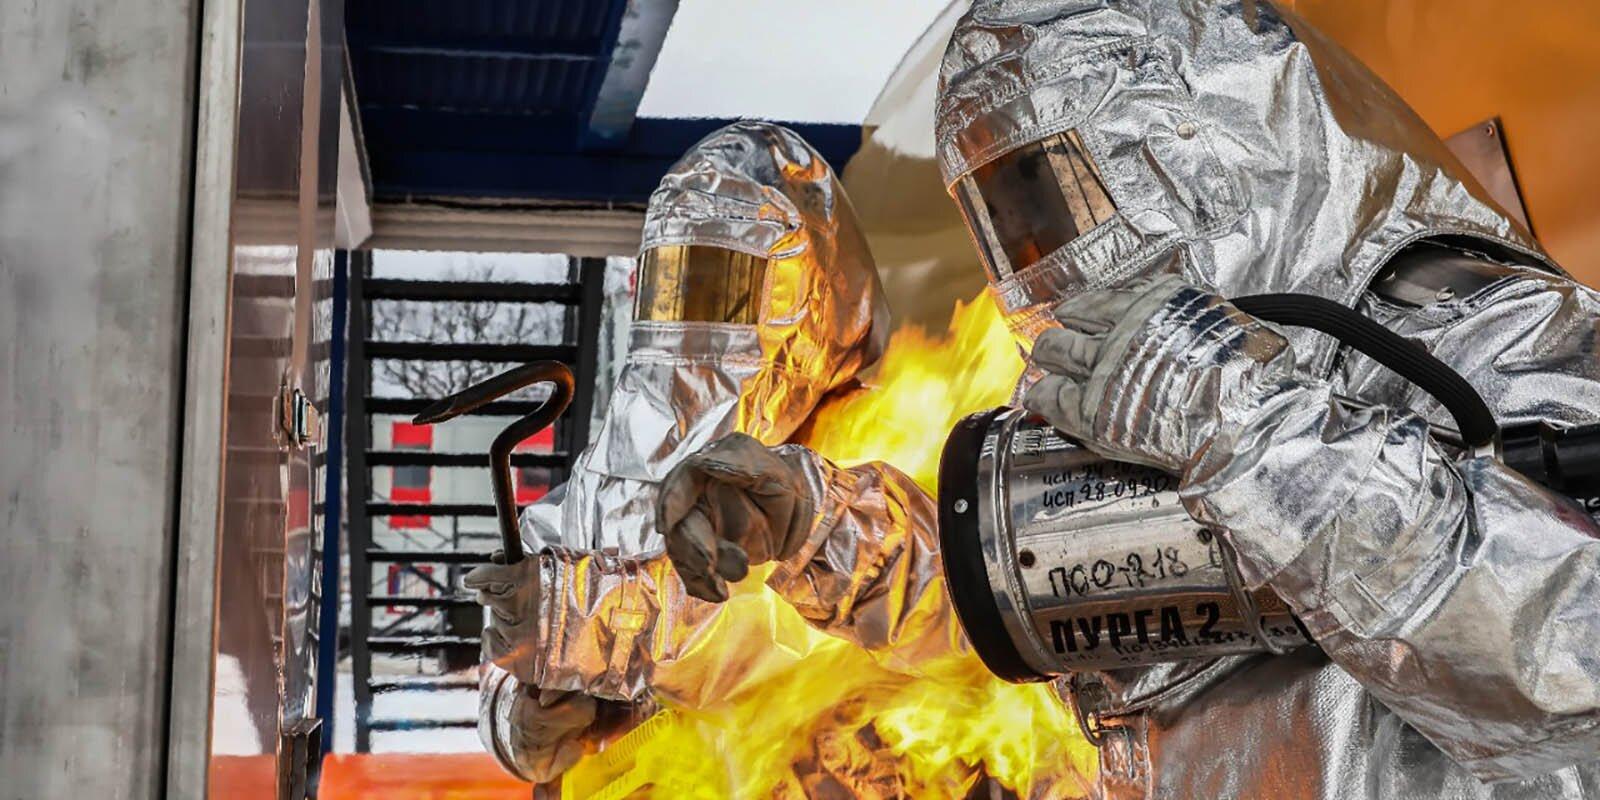 Московские спасатели получили два учебных модуля для отработки действий при пожаре